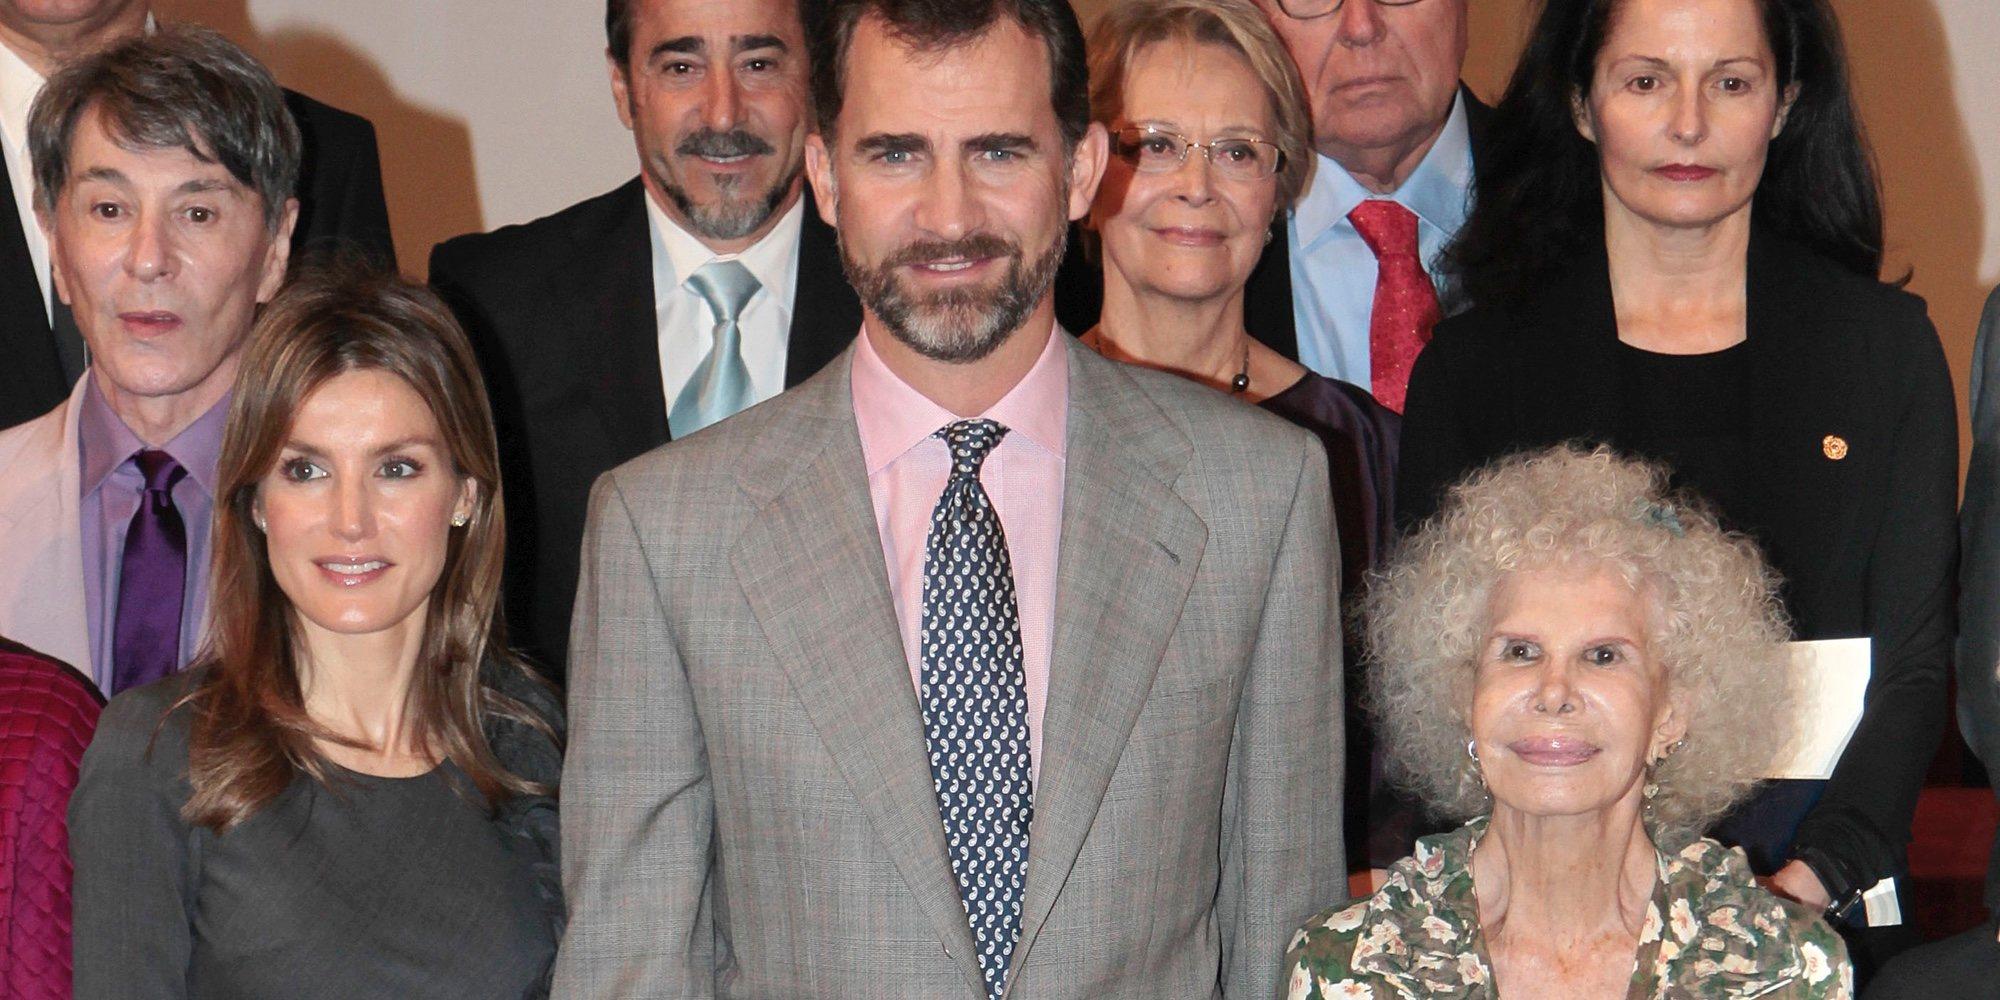 Cayetano Martínez de Irujo desvela cómo se conocieron la Reina Letizia y la Duquesa de Alba y deja un misterio sin resolver